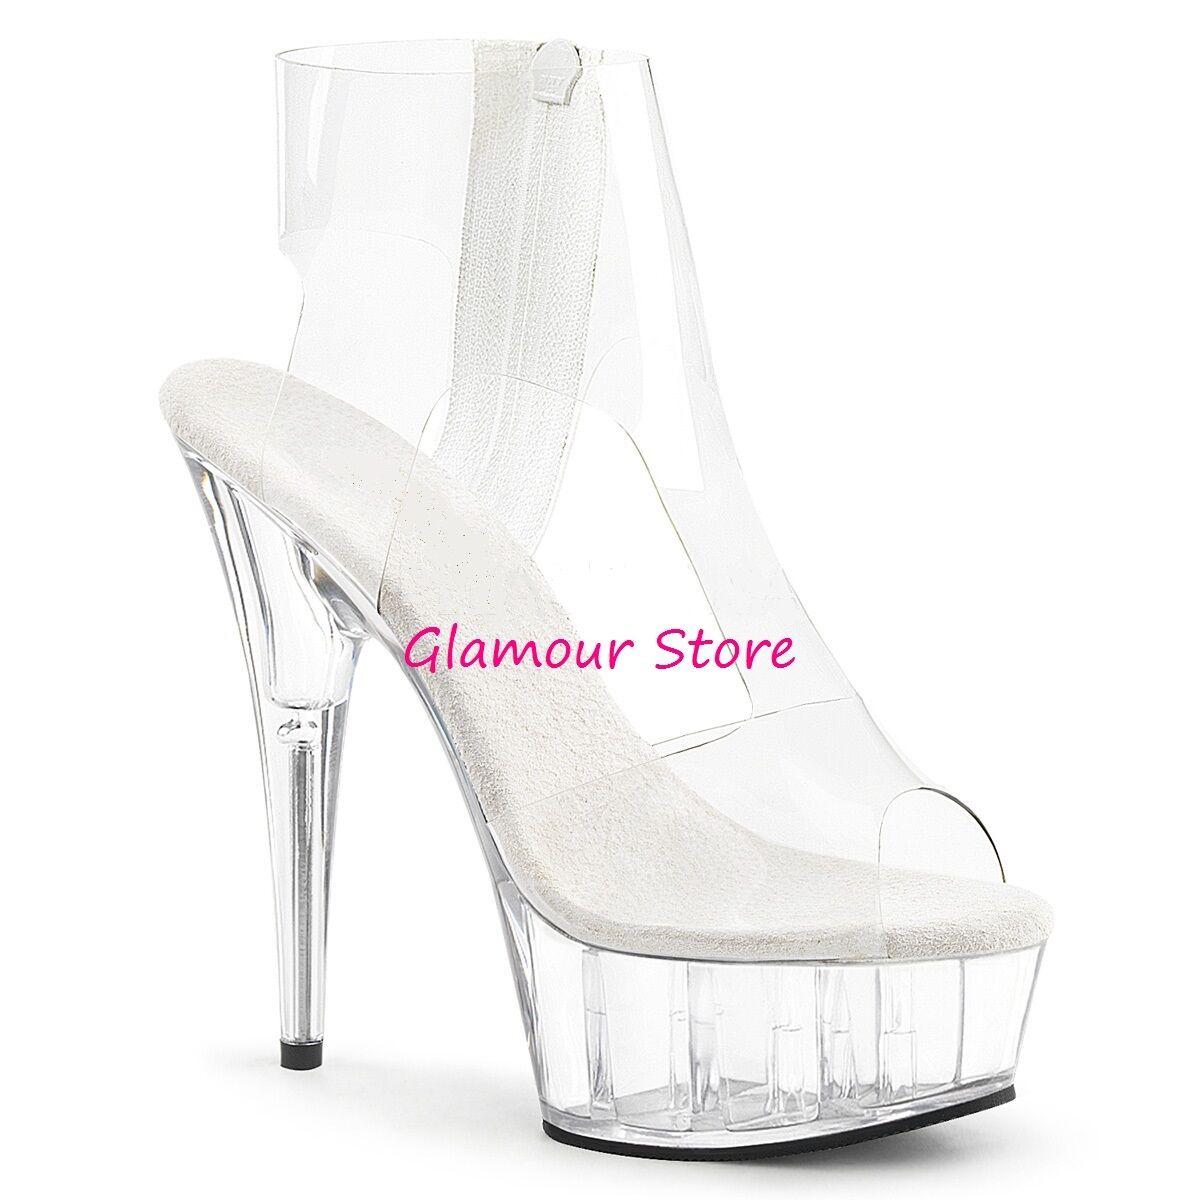 SANDALI tacco 15 zip dal 35 al 44 TRASPARENTE plateau zip 15 scarpe SEXY Glamour 5c822a